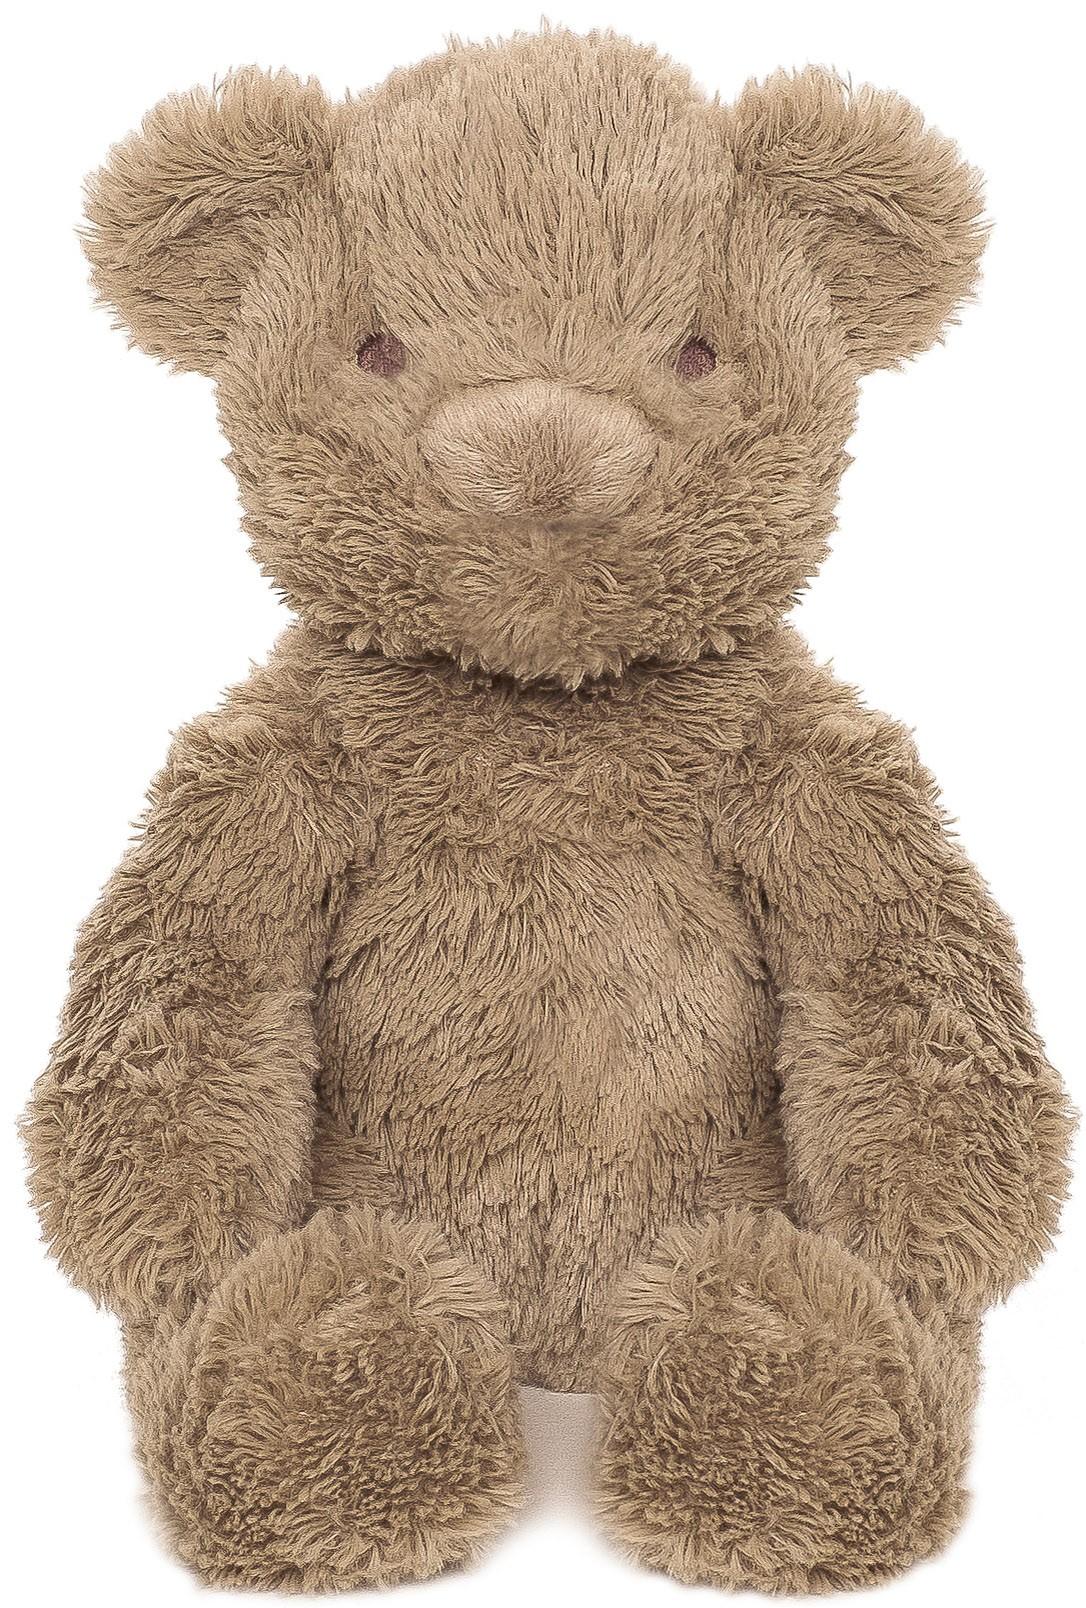 Lolli Teddy, 25cm - Teddykompaniet